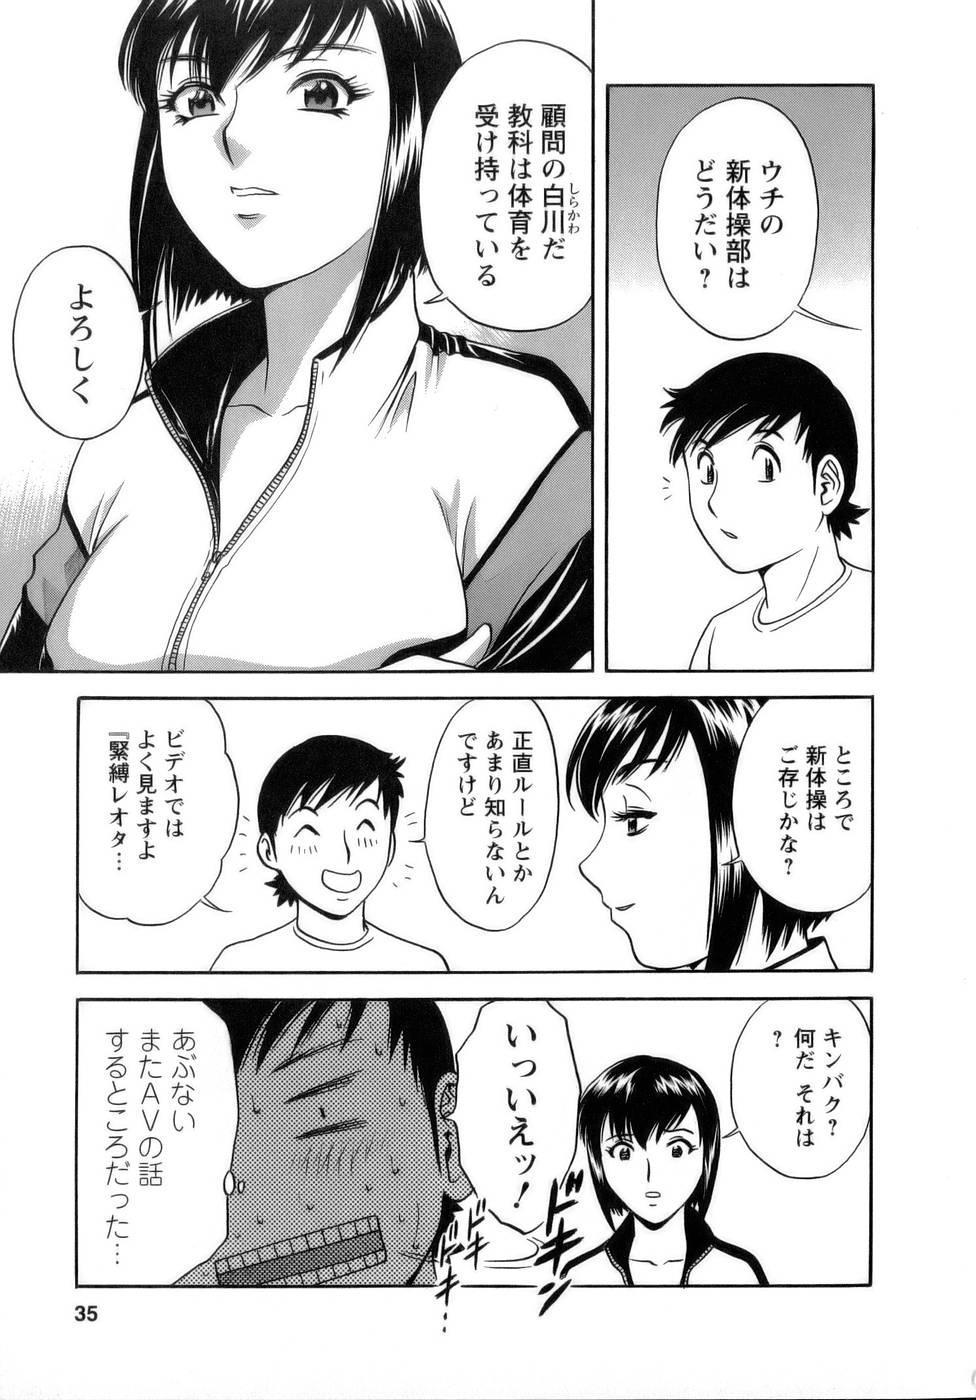 [Hidemaru] Mo-Retsu! Boin Sensei (Boing Boing Teacher) Vol.1 35